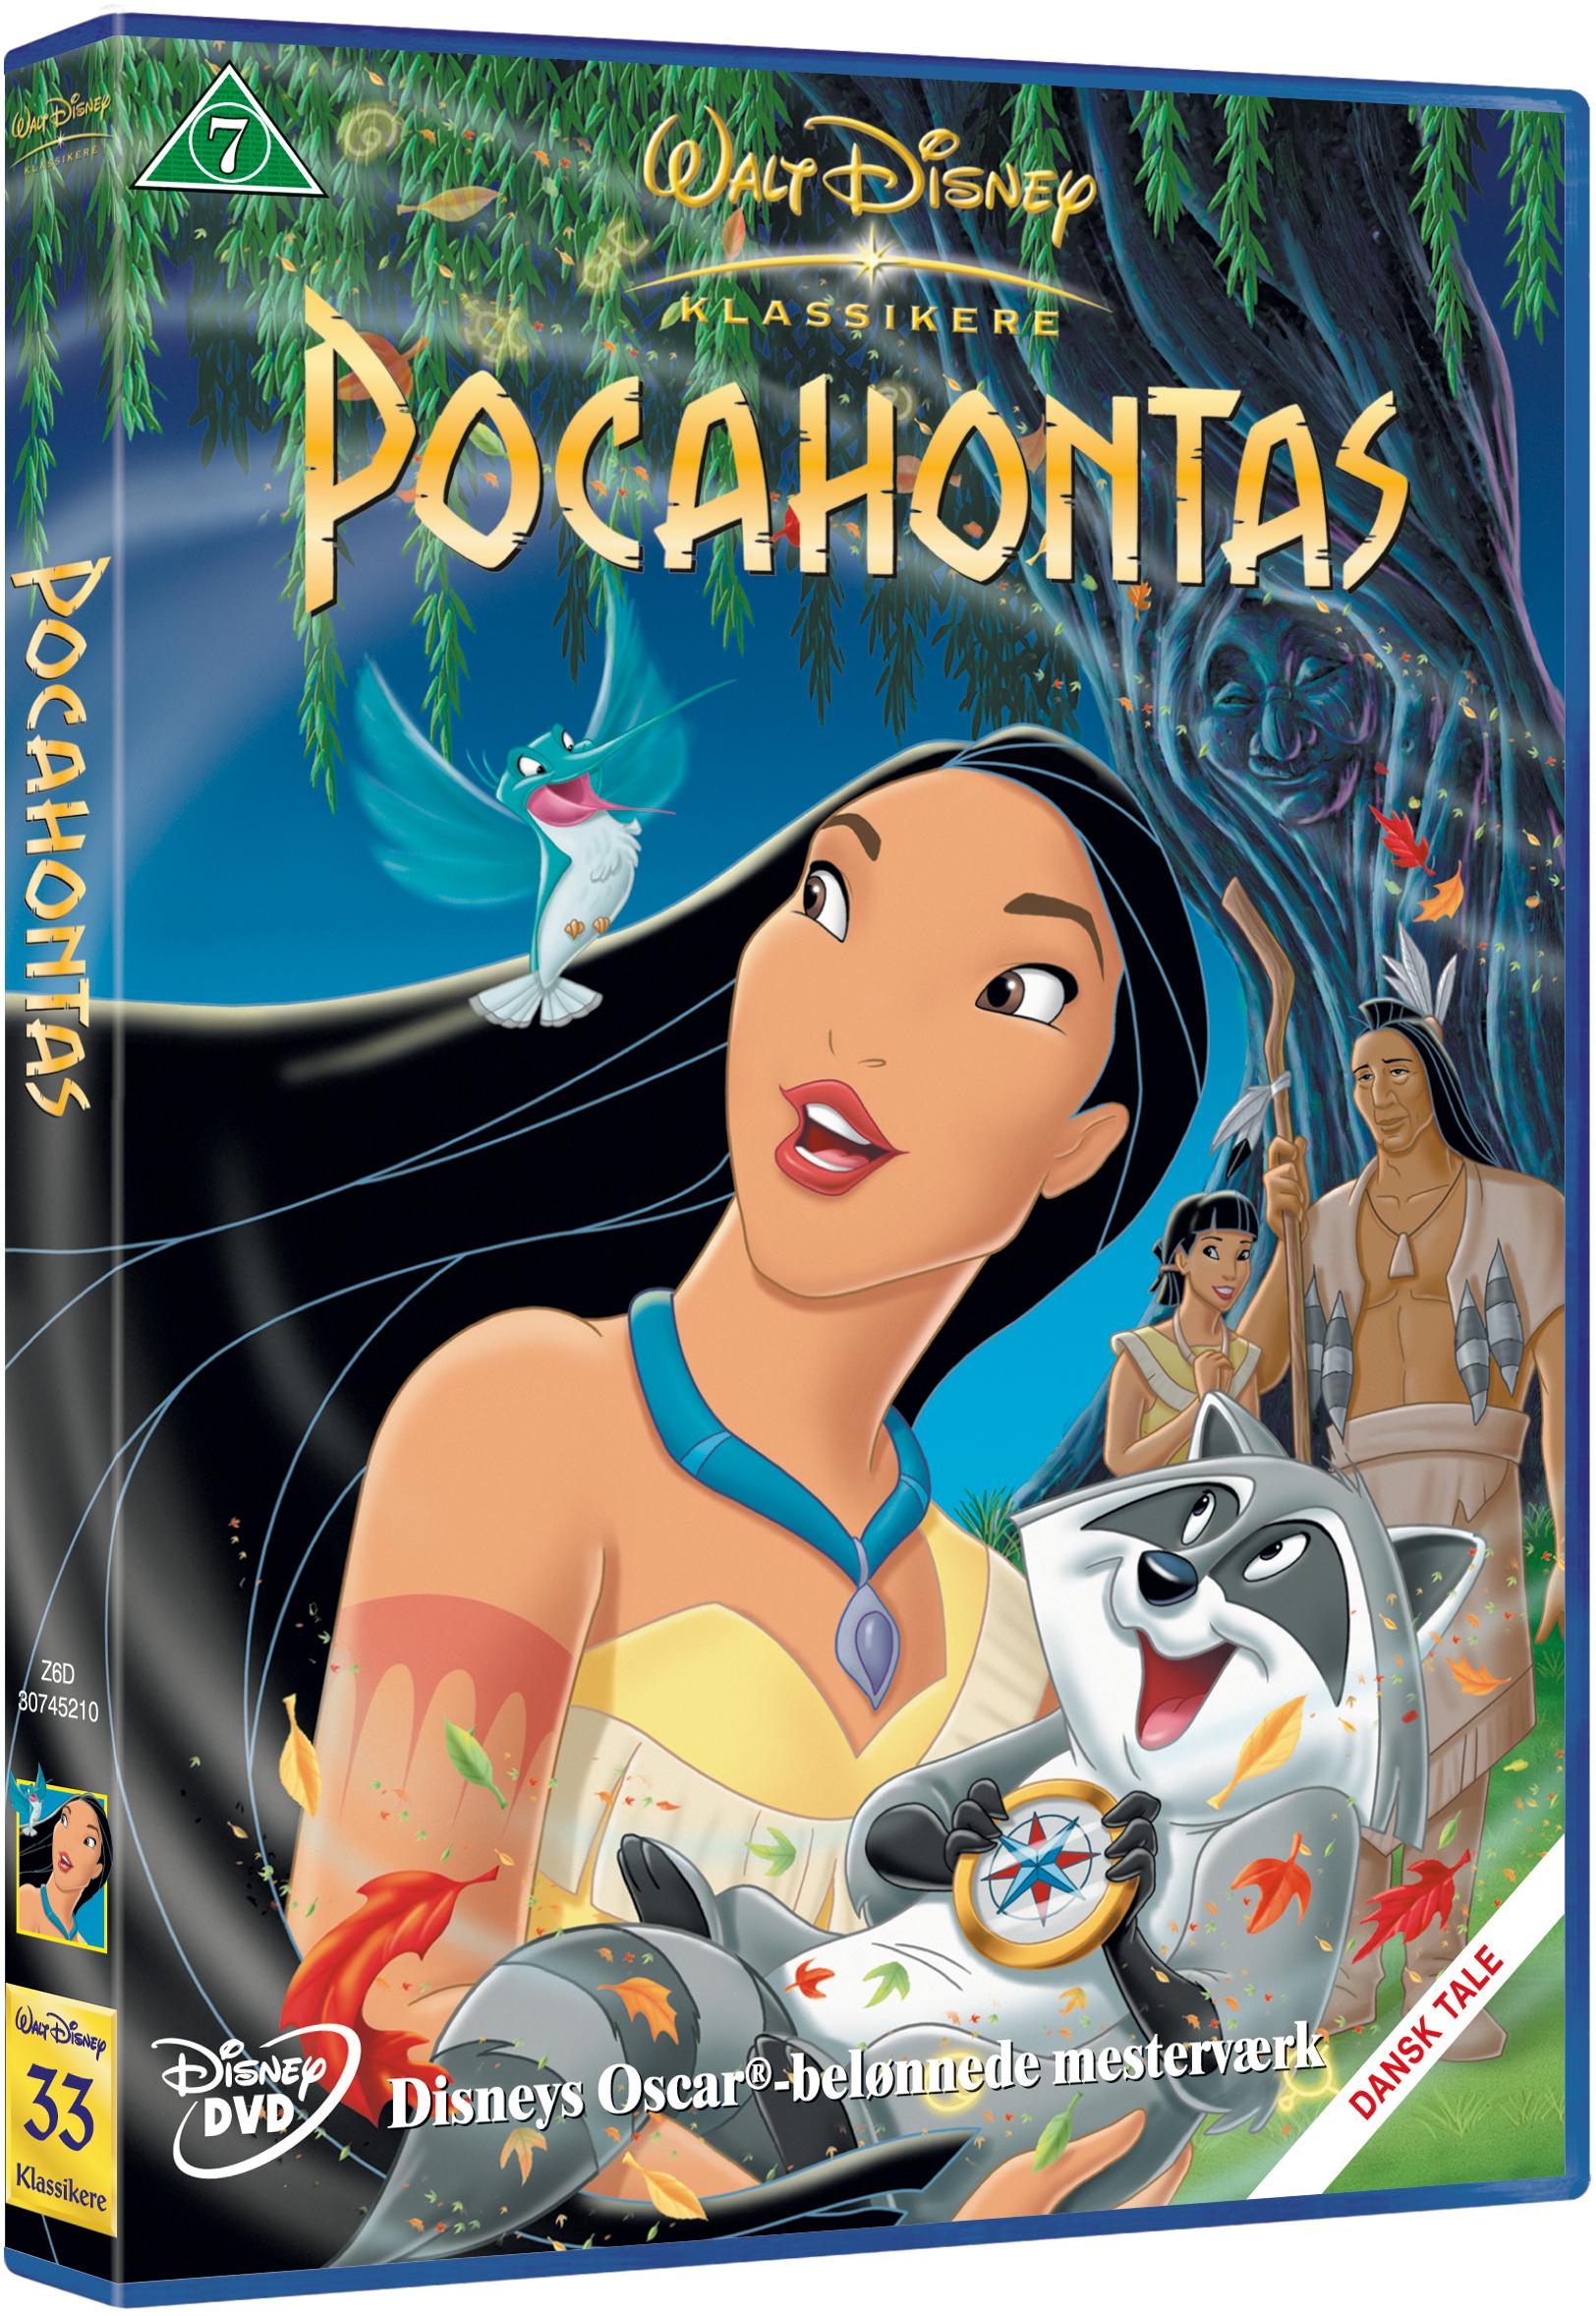 Pocahontas - Disney classic #33